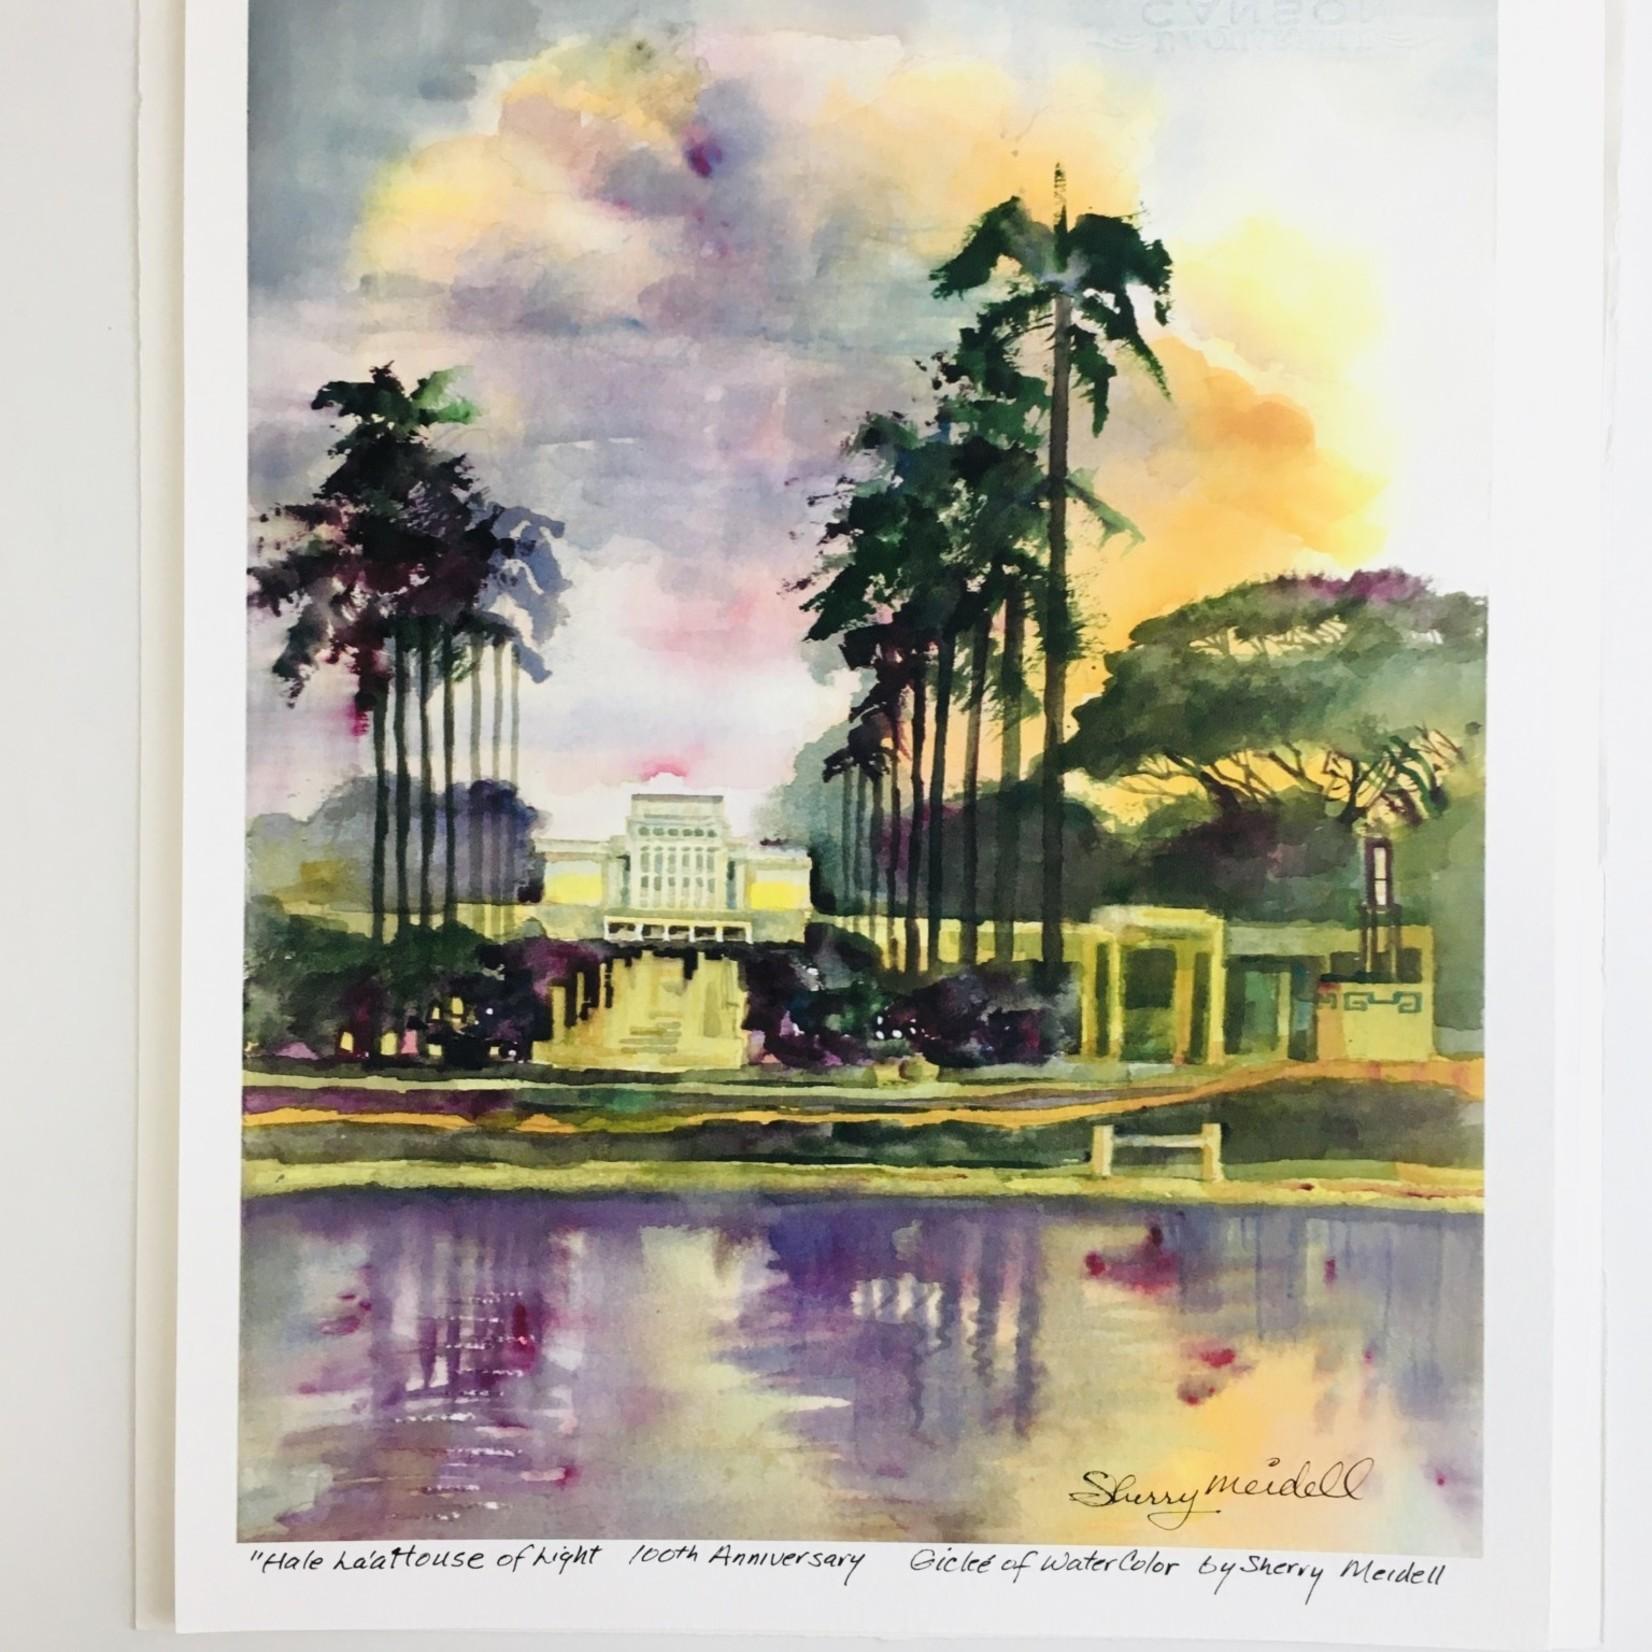 Hale La'a Temple Picture - Sherry Meidell